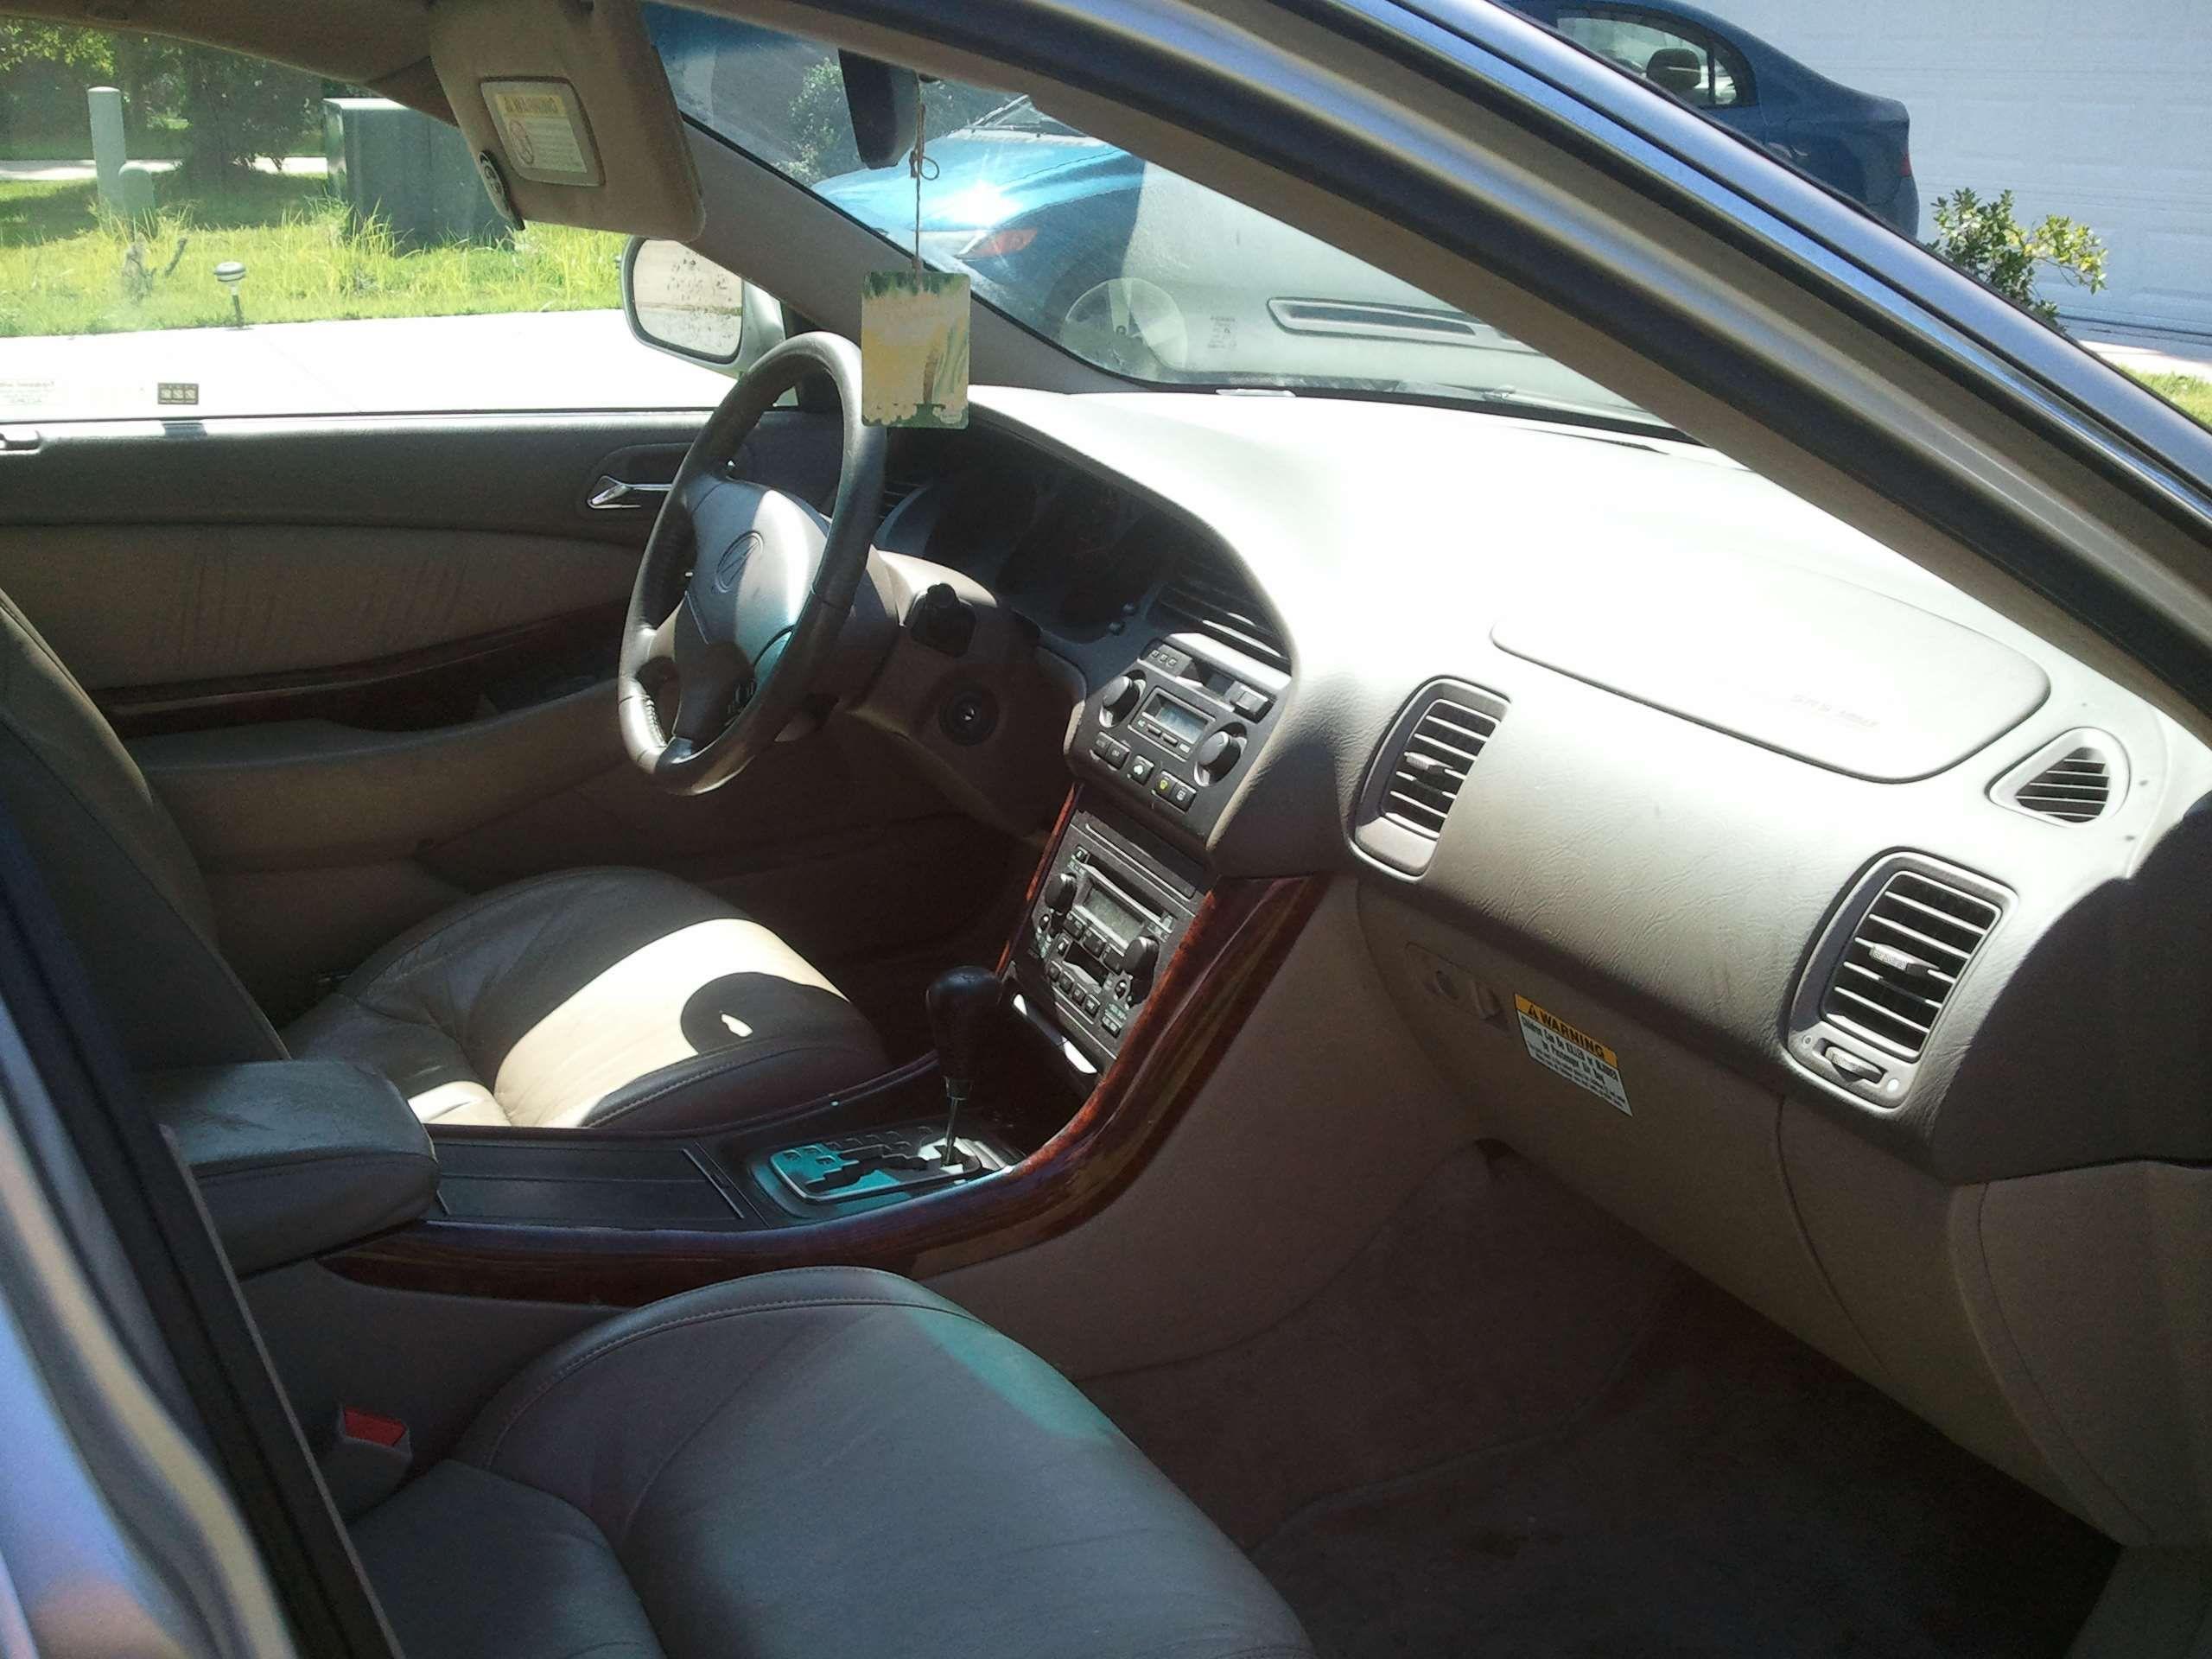 Make: Acura Model: TL Year: 1999 Exterior Color: Silver Interior Color: